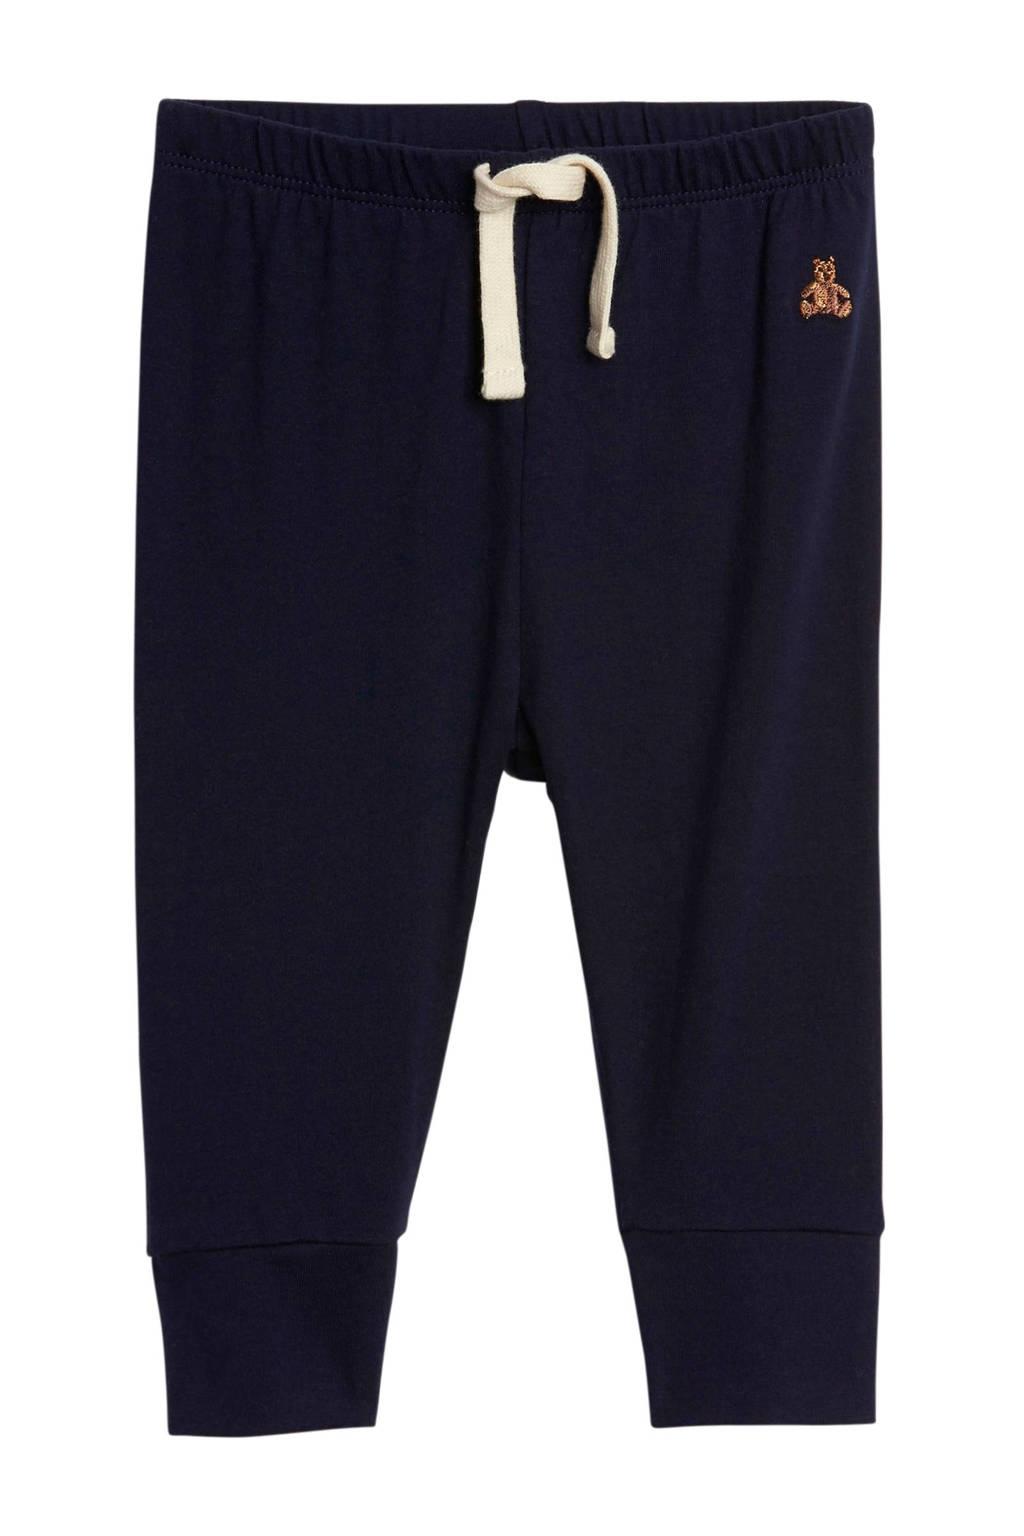 GAP baby tapered fit broek met borduursels donkerblauw, Donkerblauw